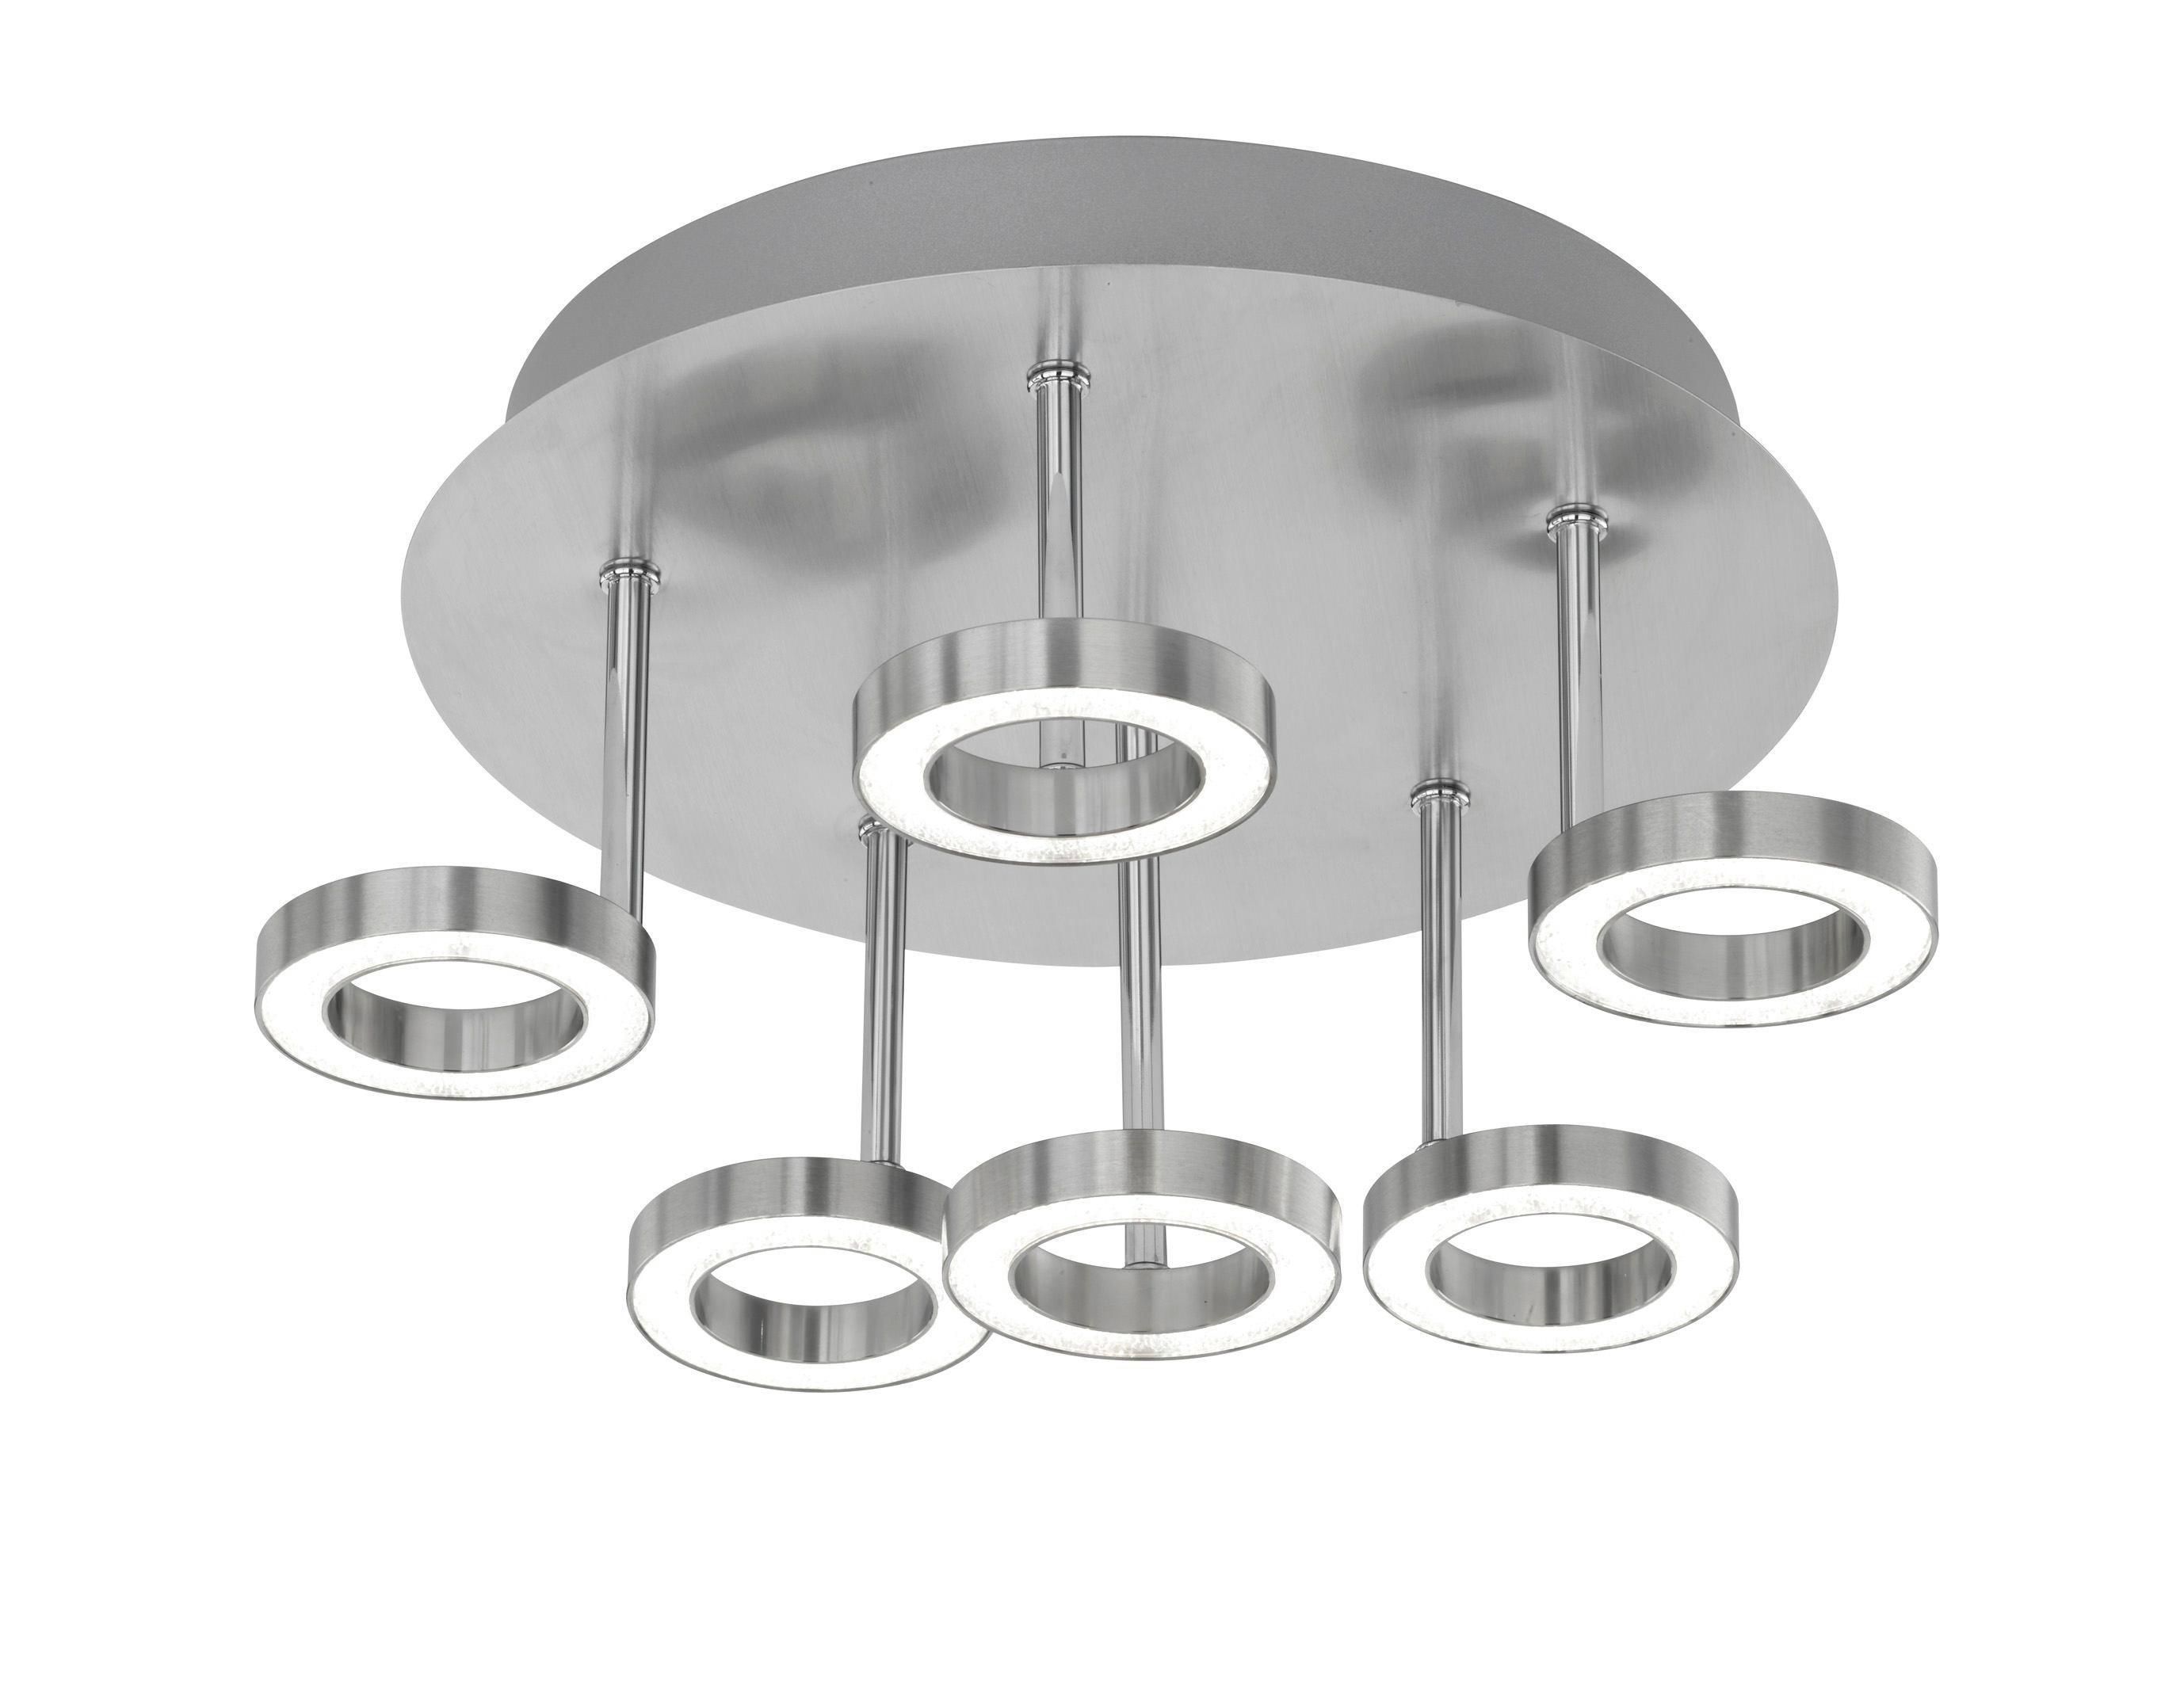 LED-DECKENLEUCHTE - Chromfarben/Nickelfarben, Design, Kunststoff/Metall (35/20/35cm)